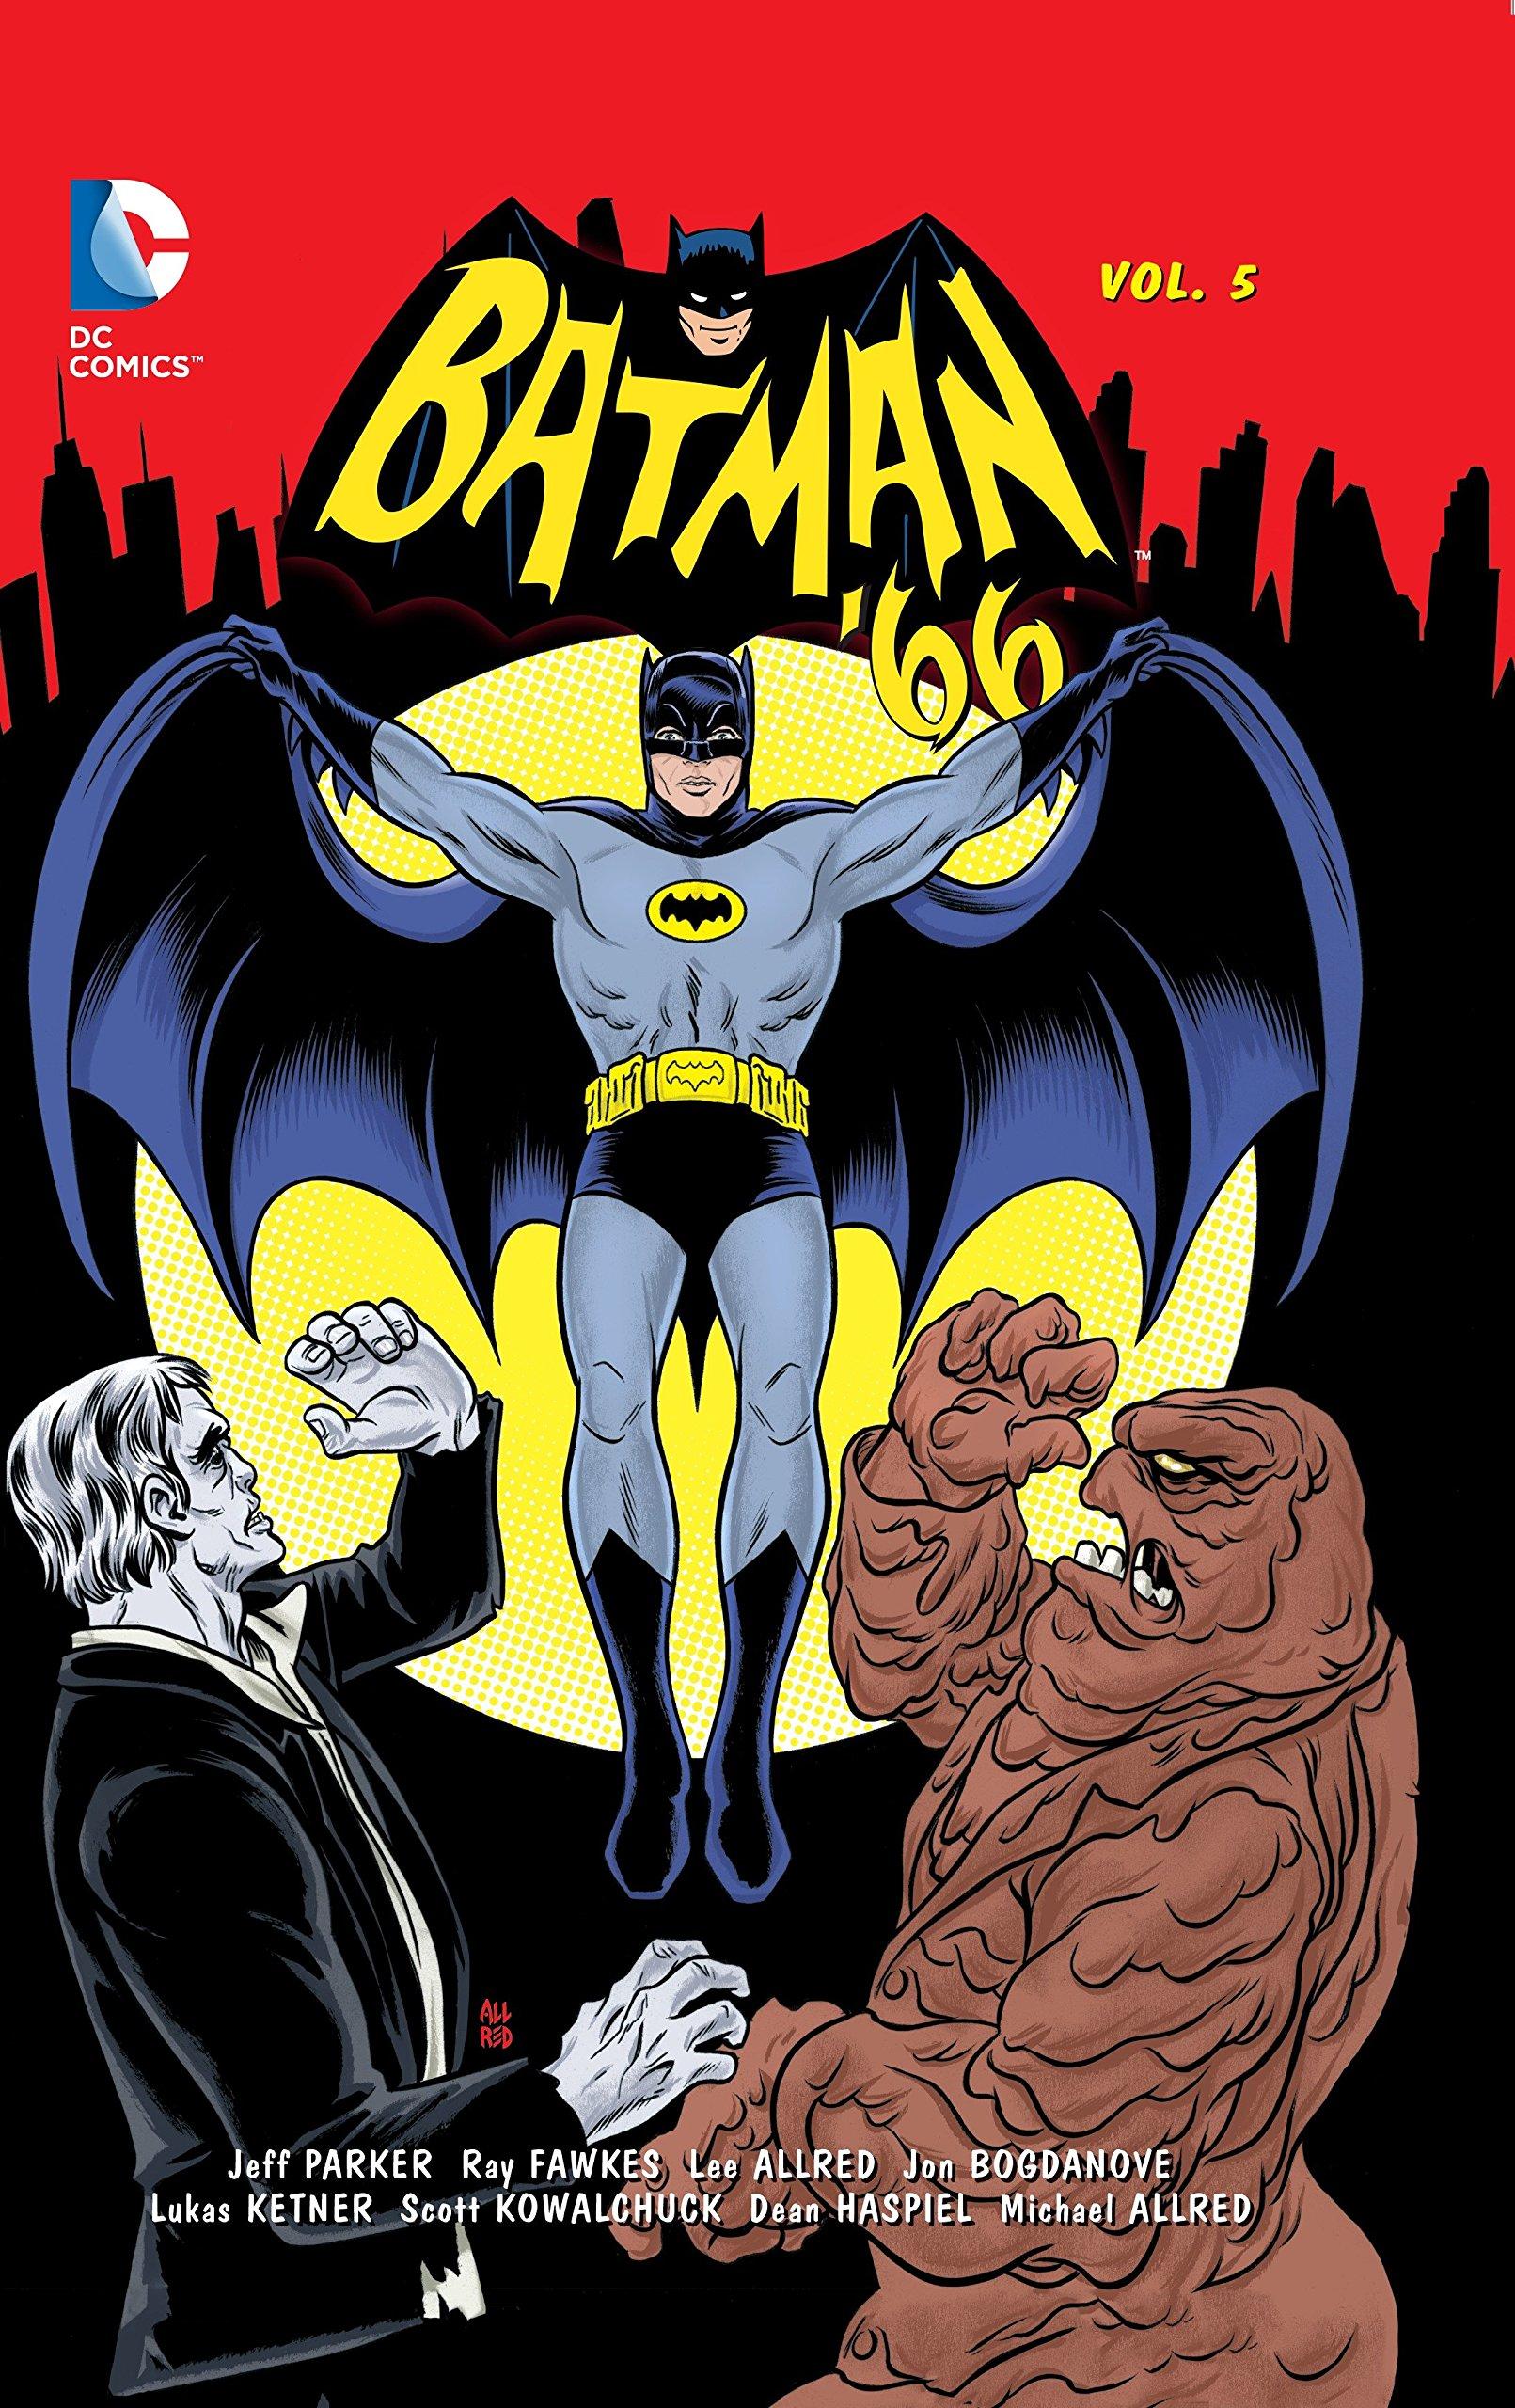 Batman '66 Vol. 5 ebook